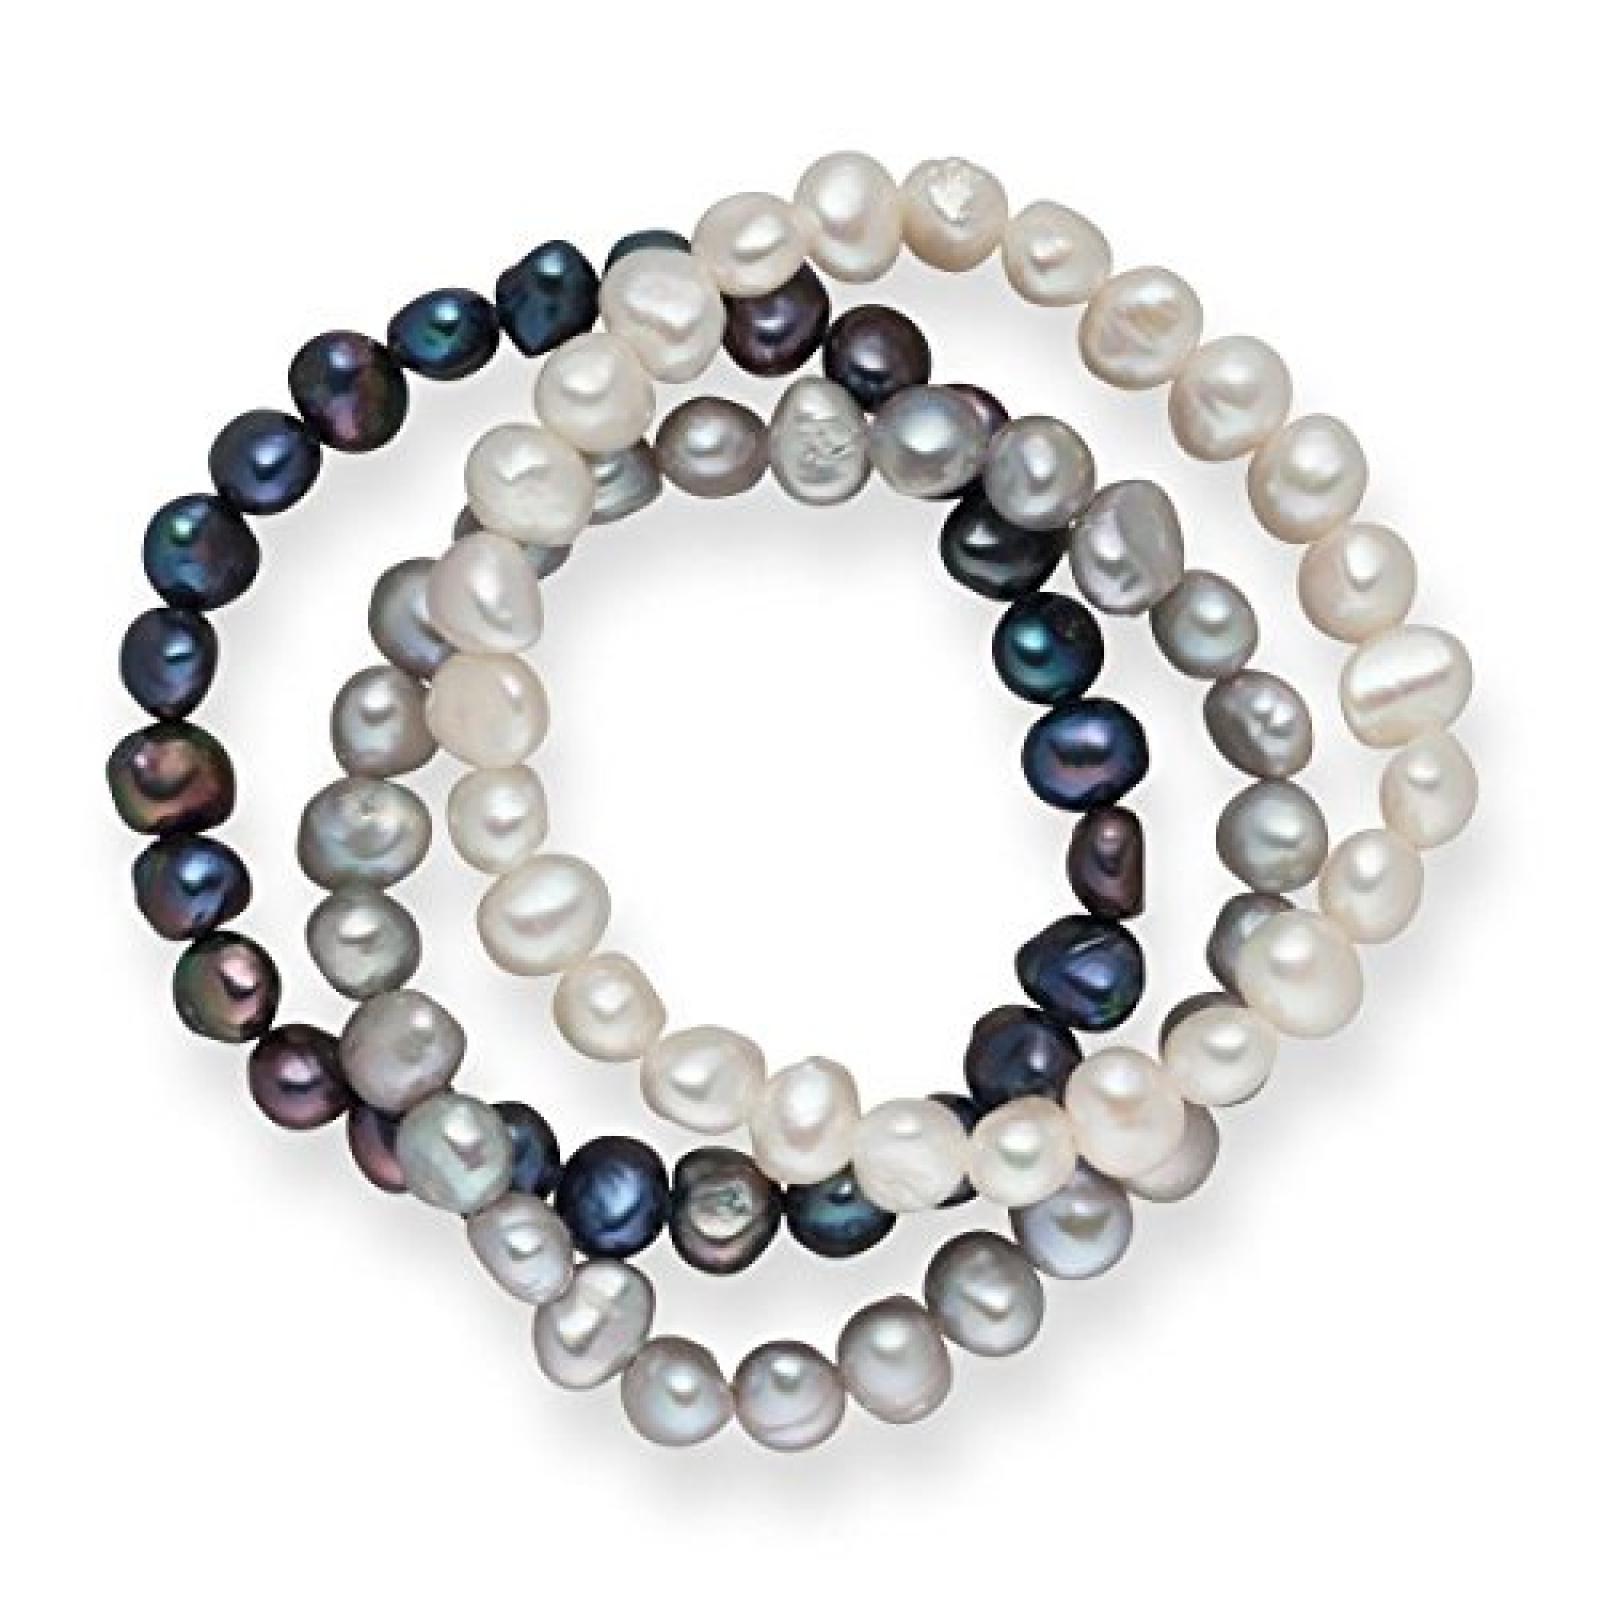 Valero Pearls 3er Set Armbänder Süßwasserzuchtperlen weiß silber dunkelblau 60201782